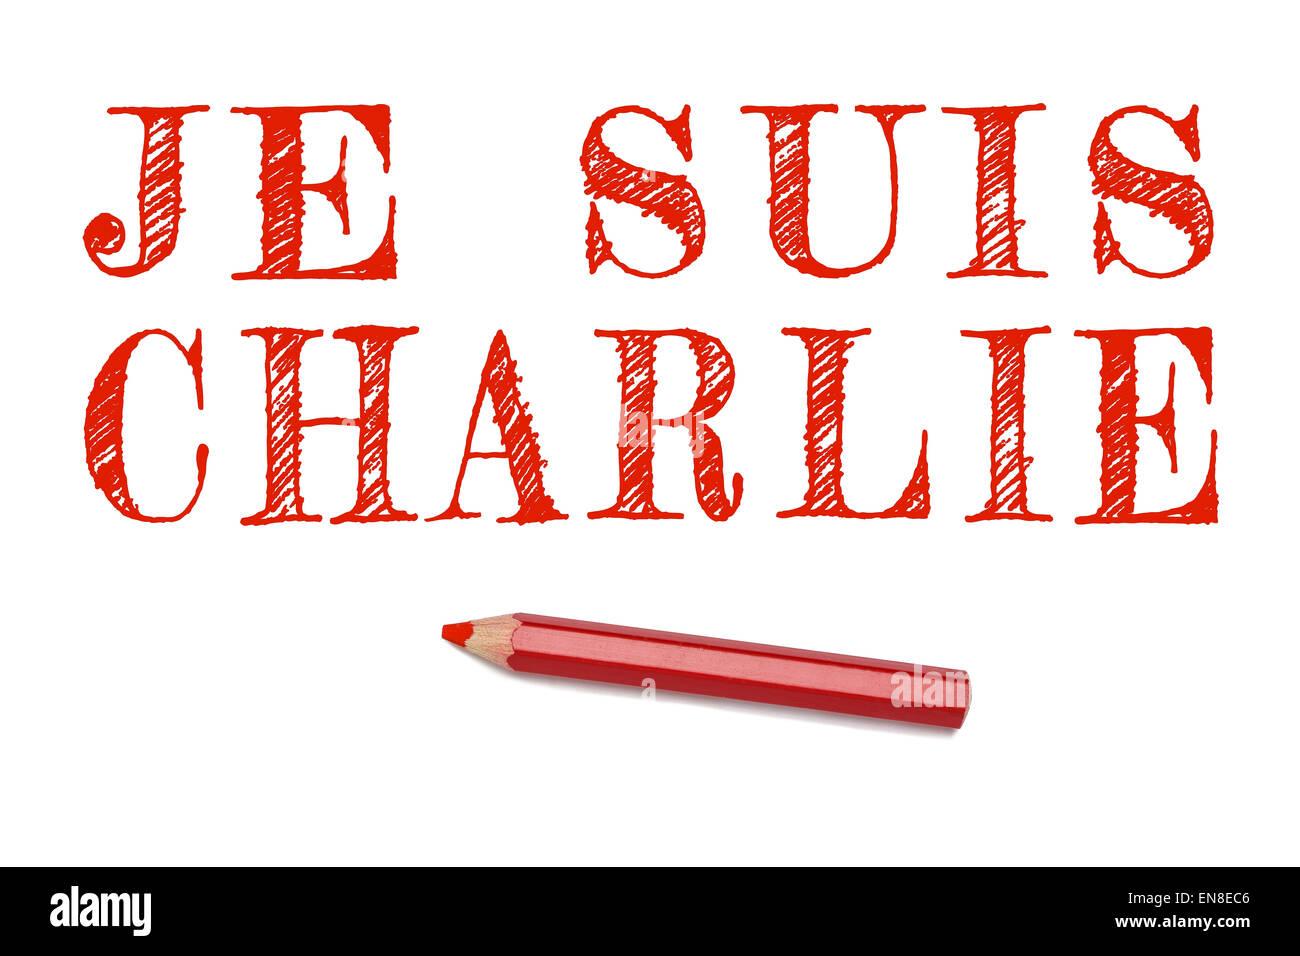 Je Suis Charlie Texte En Français Contours Dessiner Crayon